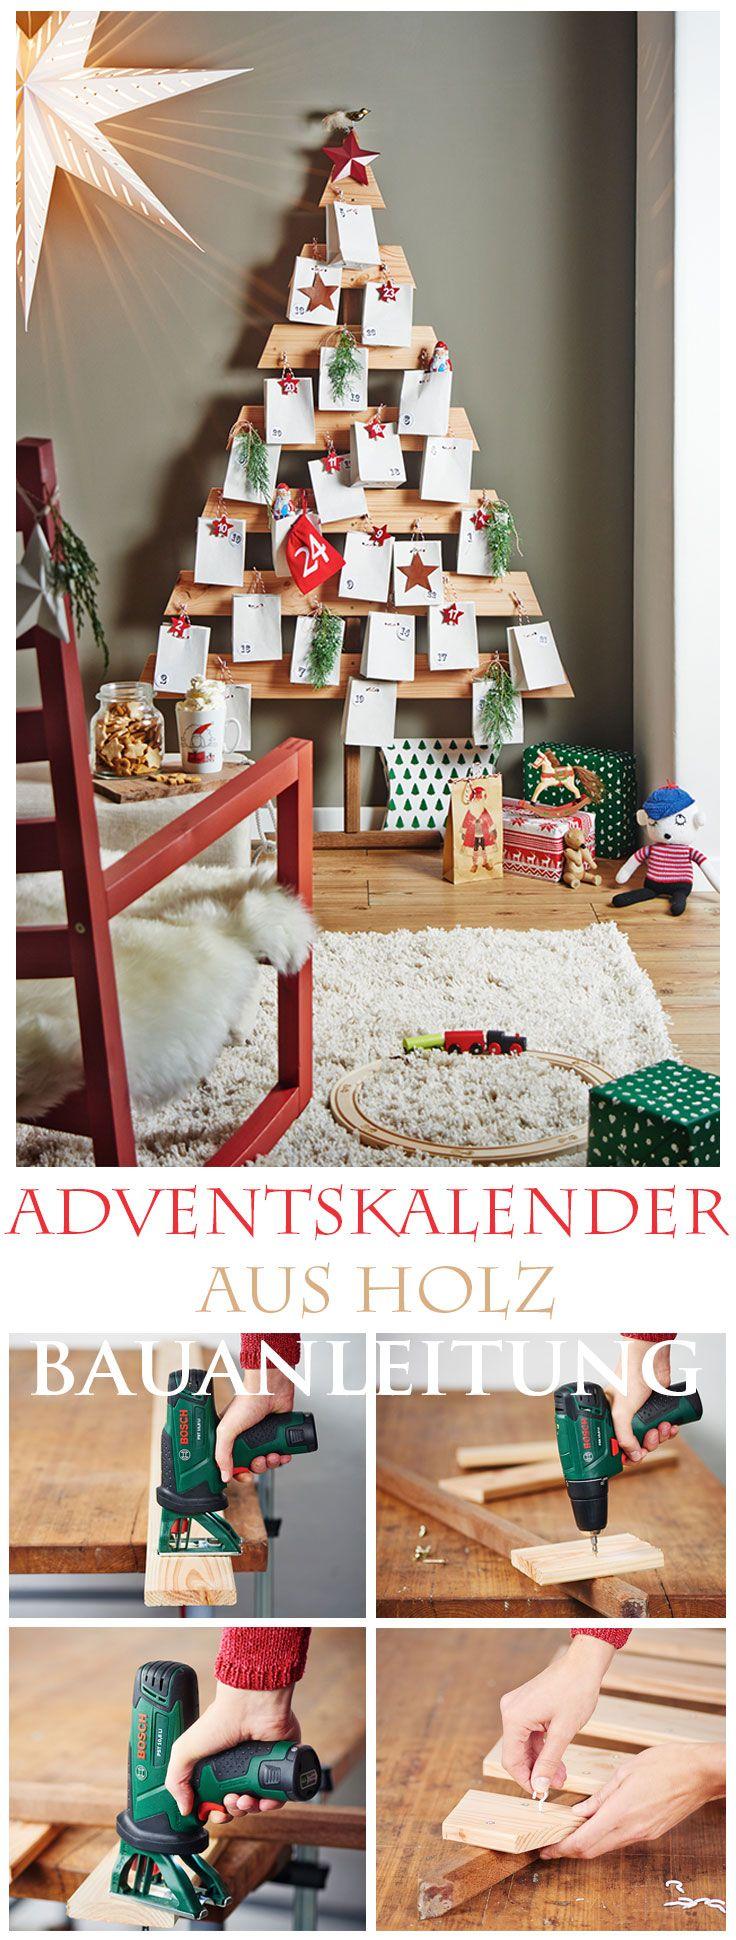 adventskalender aus holz winter advent inspiration. Black Bedroom Furniture Sets. Home Design Ideas